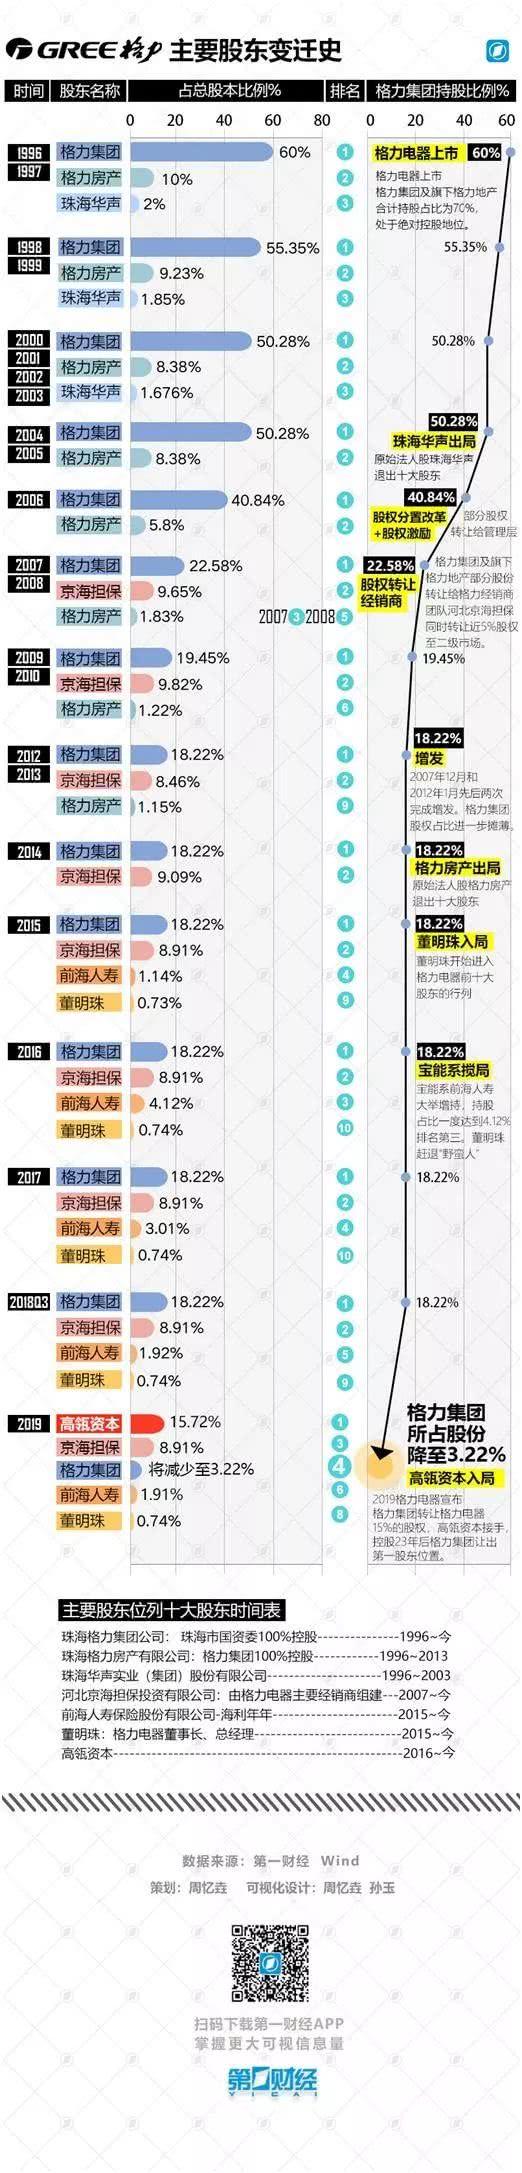 速8娱乐官网登录|圆桌讨论四:科技赋能金融新挑战